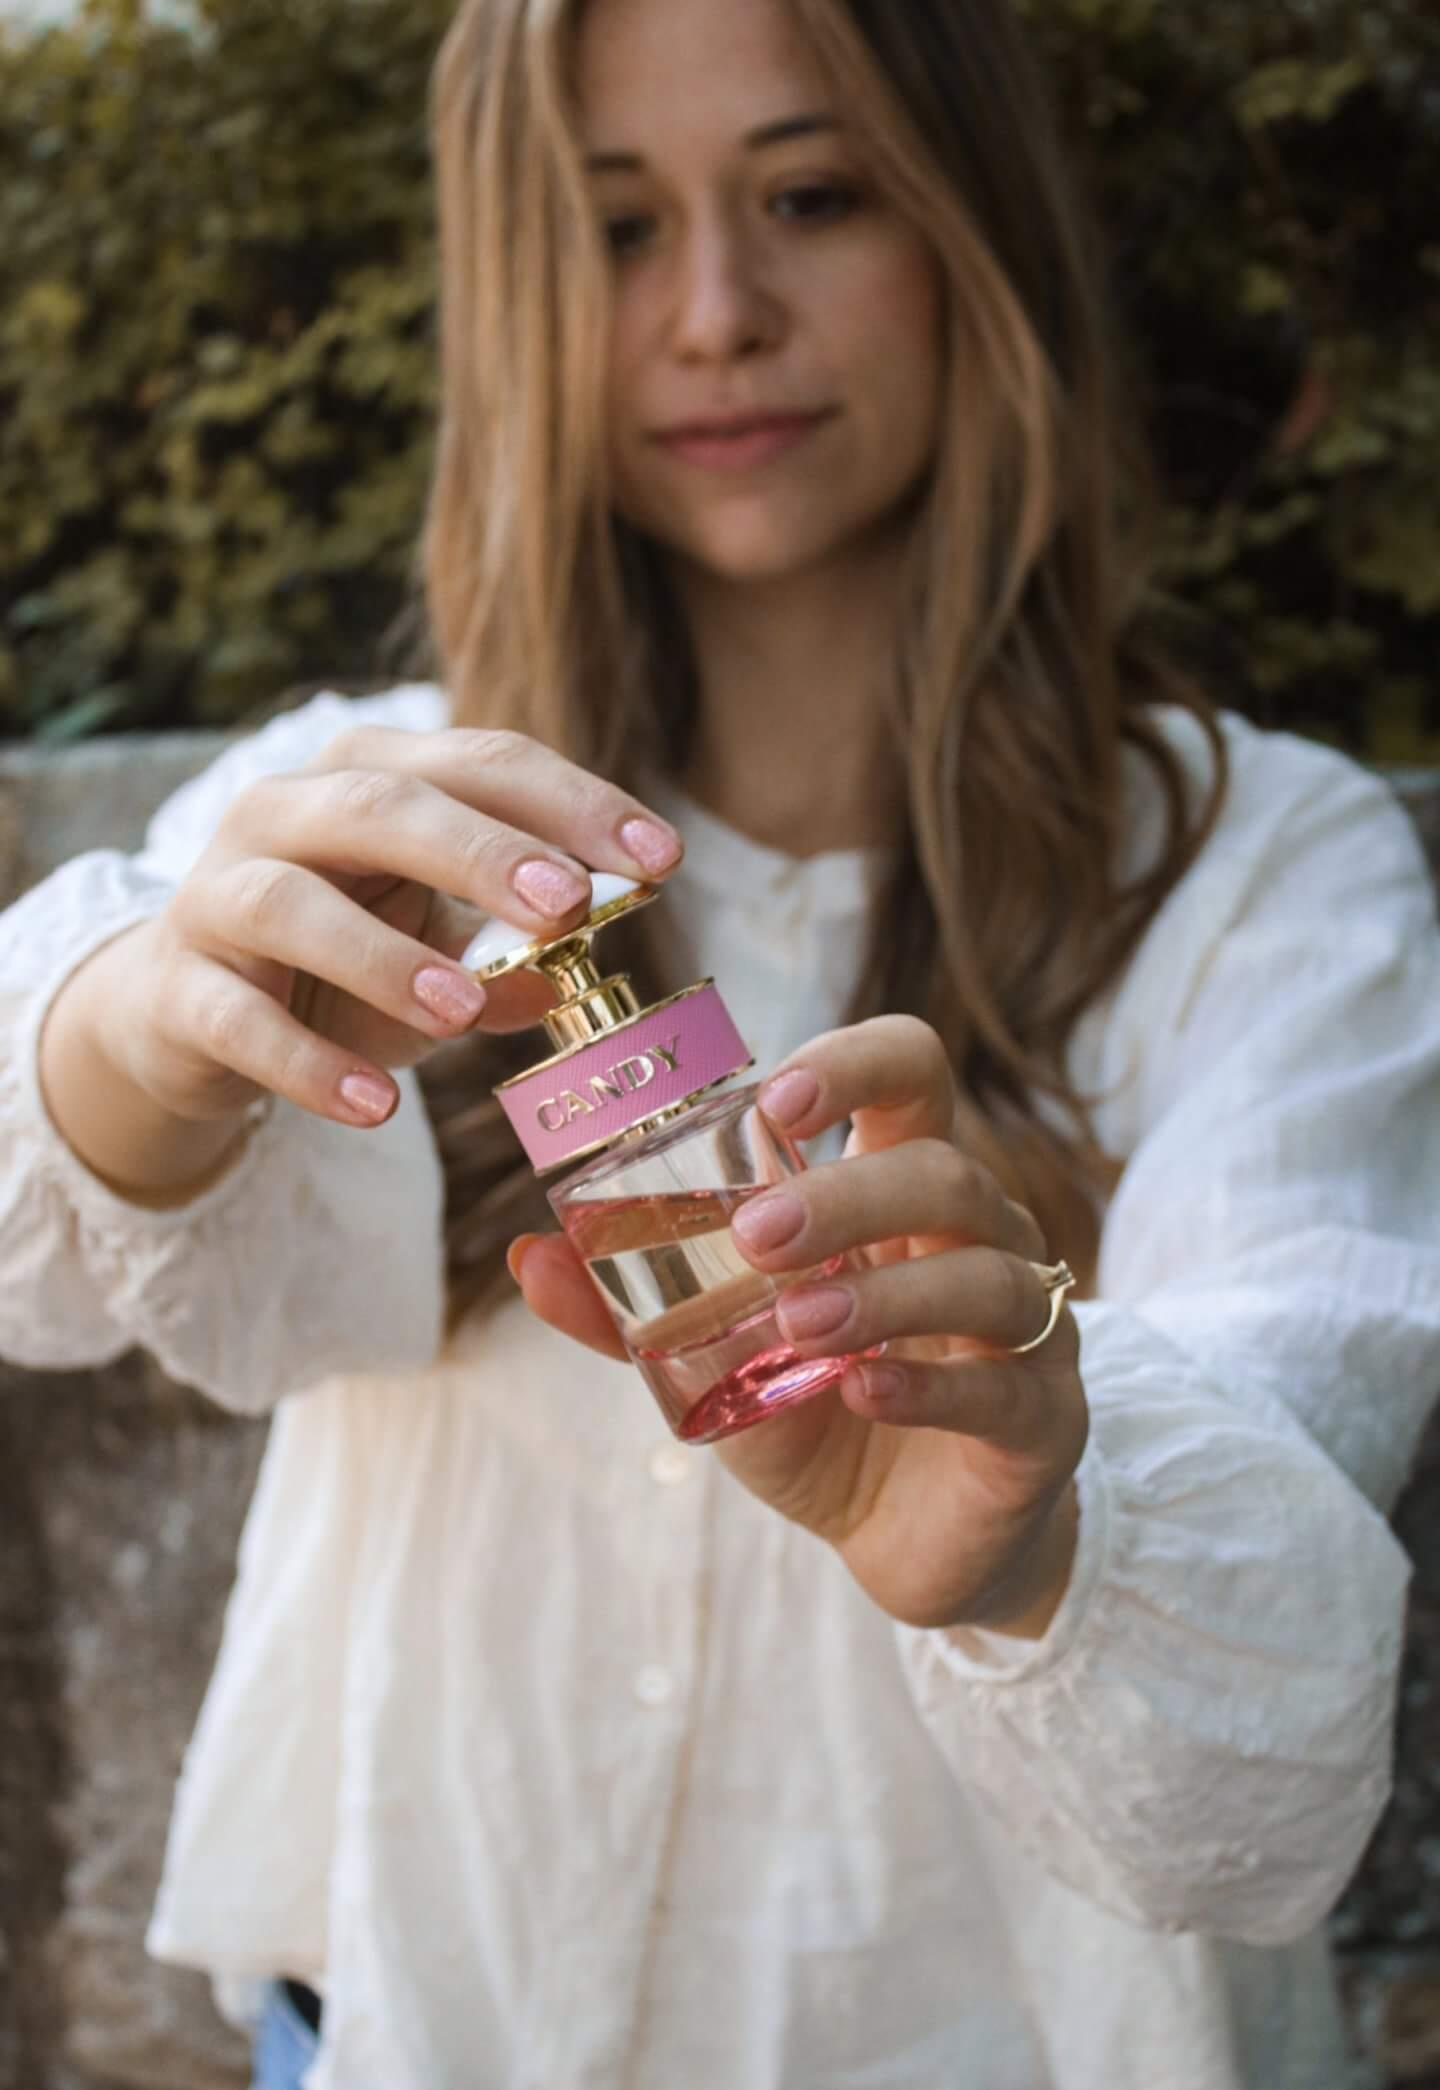 Parfum auftragen - so hält dein Duft den ganzen Tag + finde das richtige Parfum für dich!